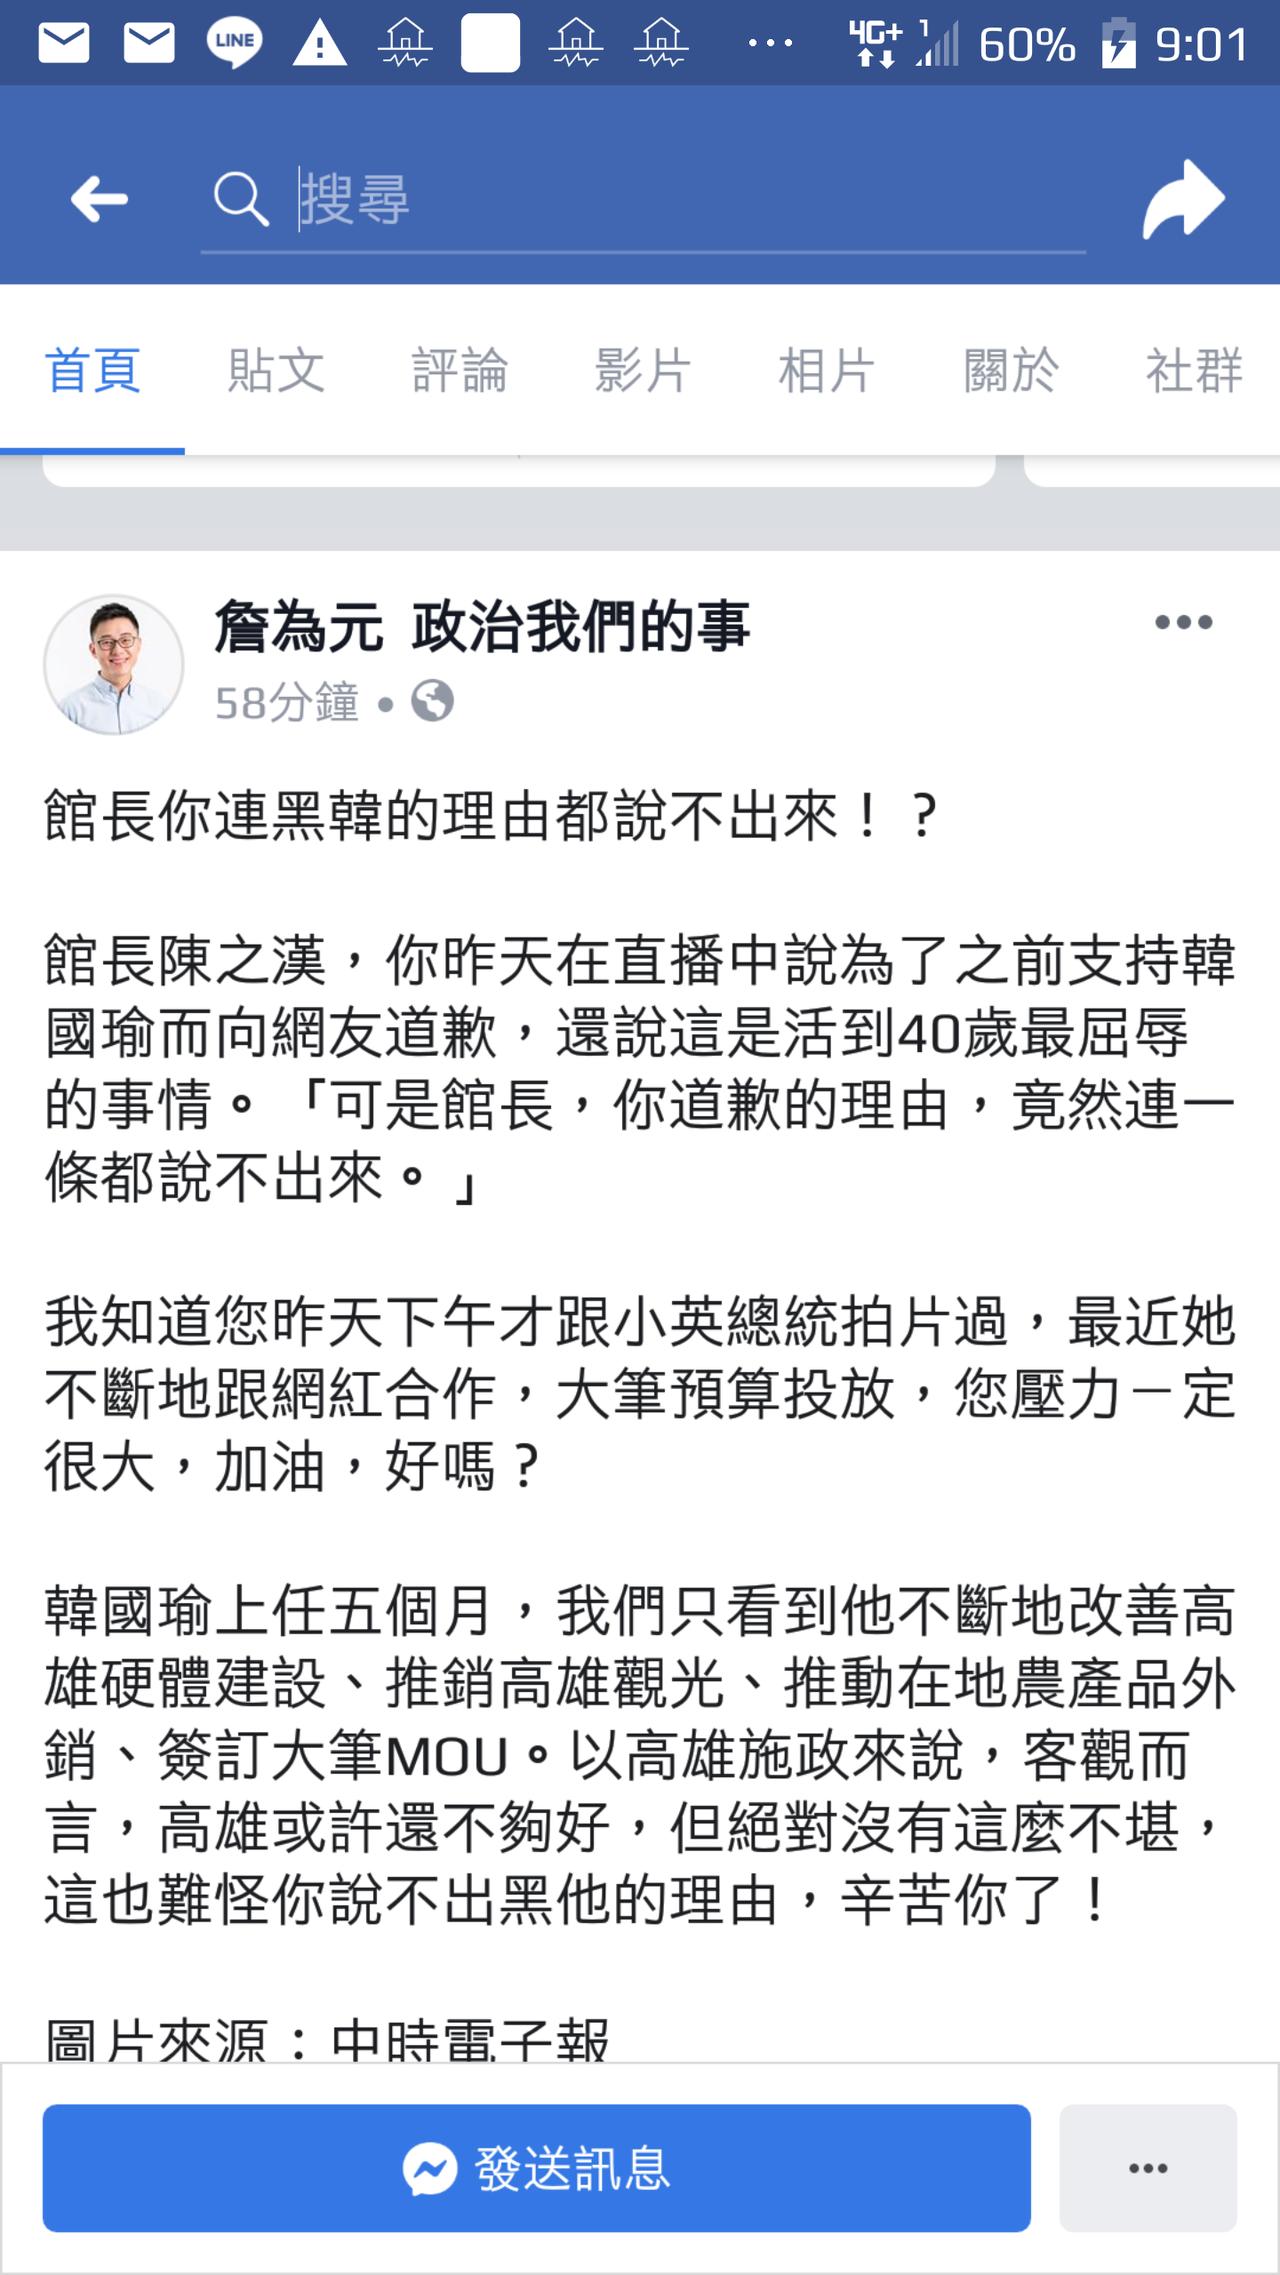 國民黨北市第一選區立委擬參選人詹為元今在臉書反譏「館長」連黑韓的理由都說不出來。...